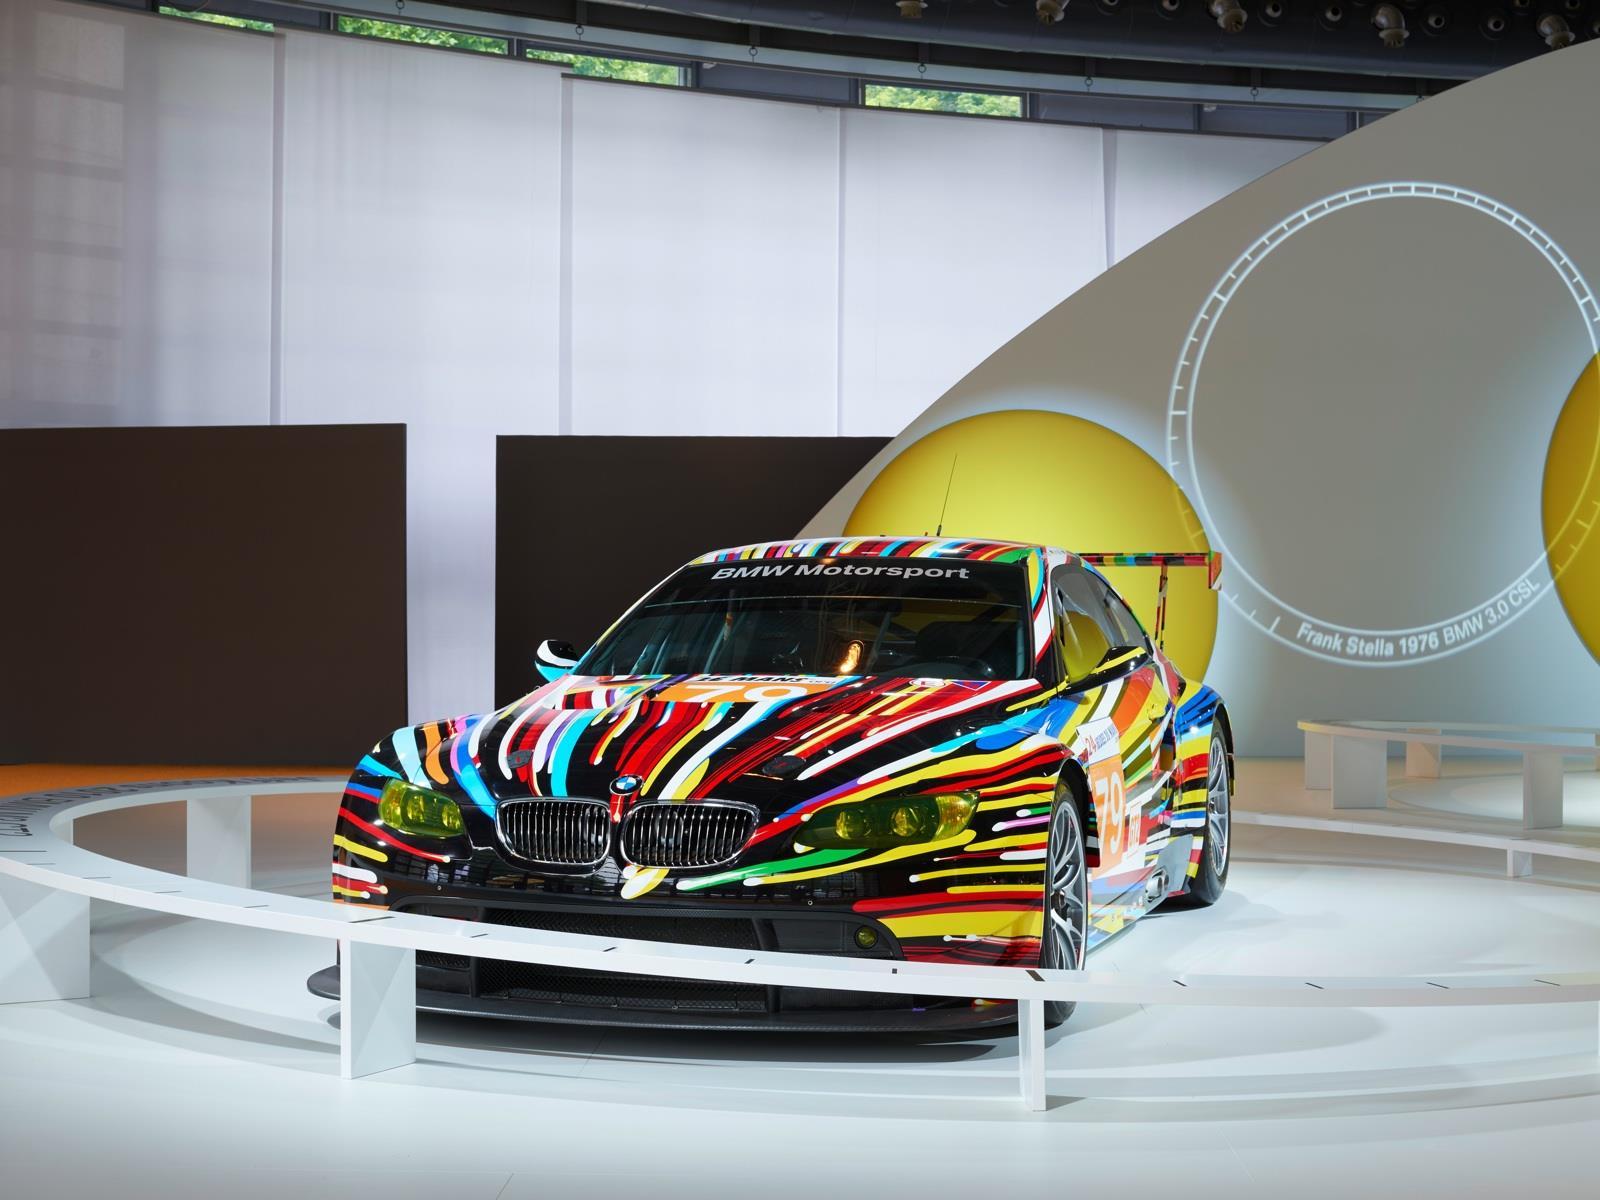 GAZ_1e62dbaaaef74eda9a75aec11671520c Cool Bmw Z1 Joyas sobre Ruedas Cars Trend